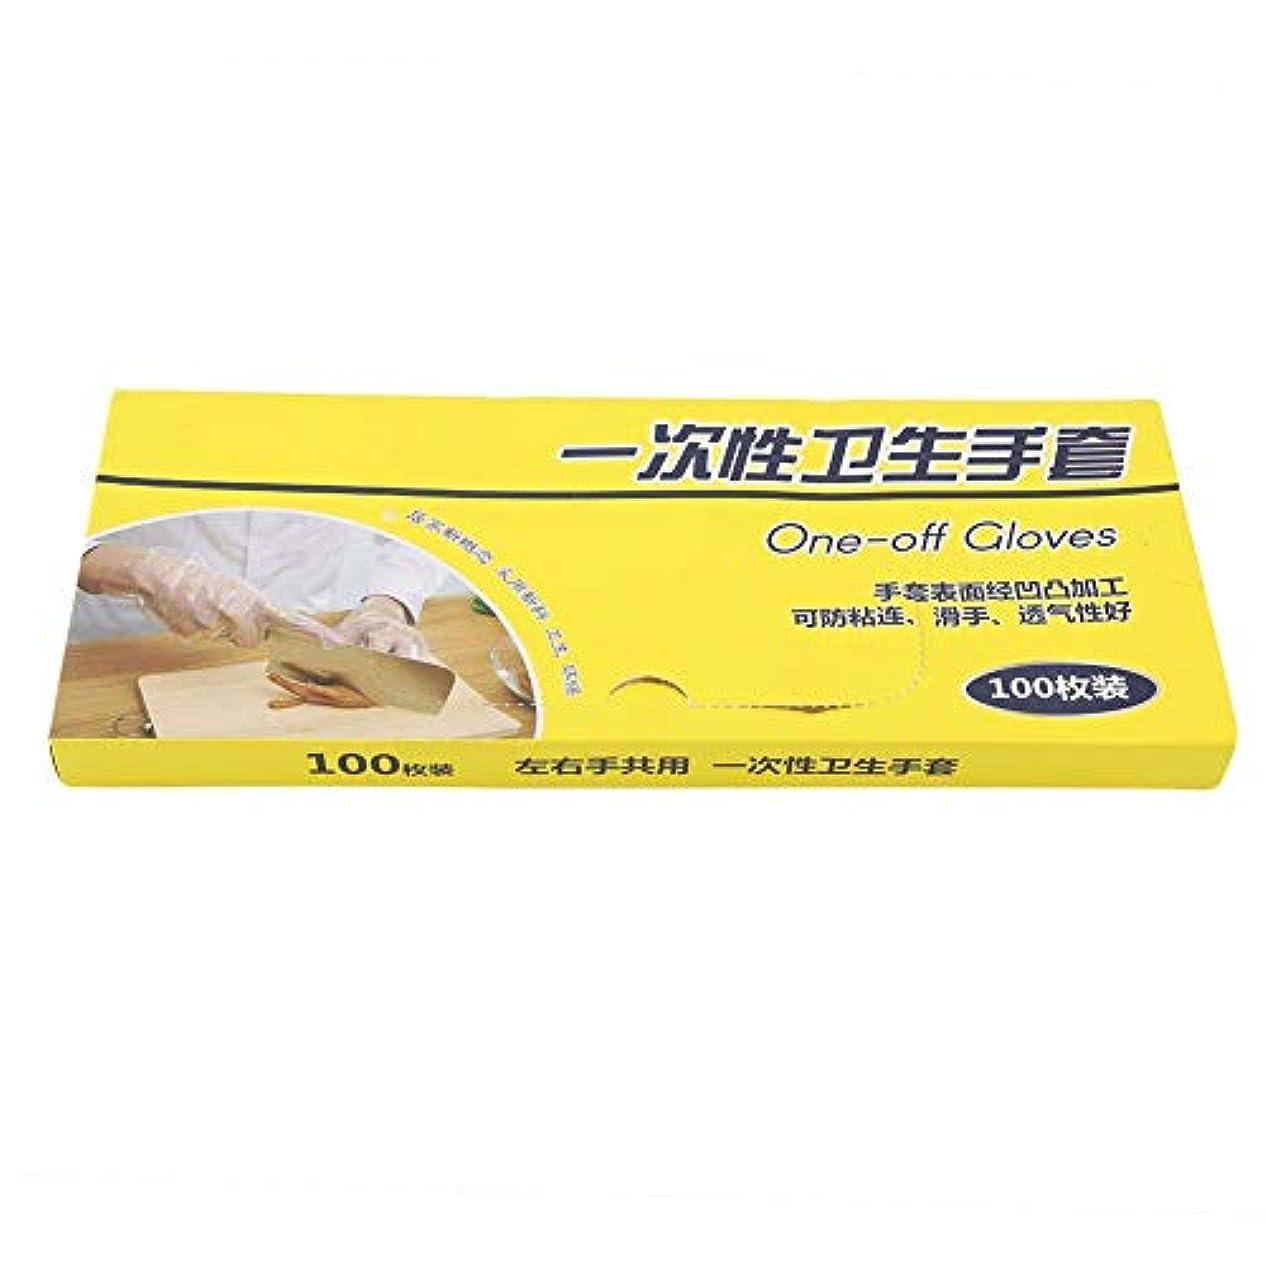 ウッズ快適面倒使い捨て手袋、100個/箱透明透明滑り止めは、バーベキュー看護染め髪を調理するための使い捨て手袋を厚くします